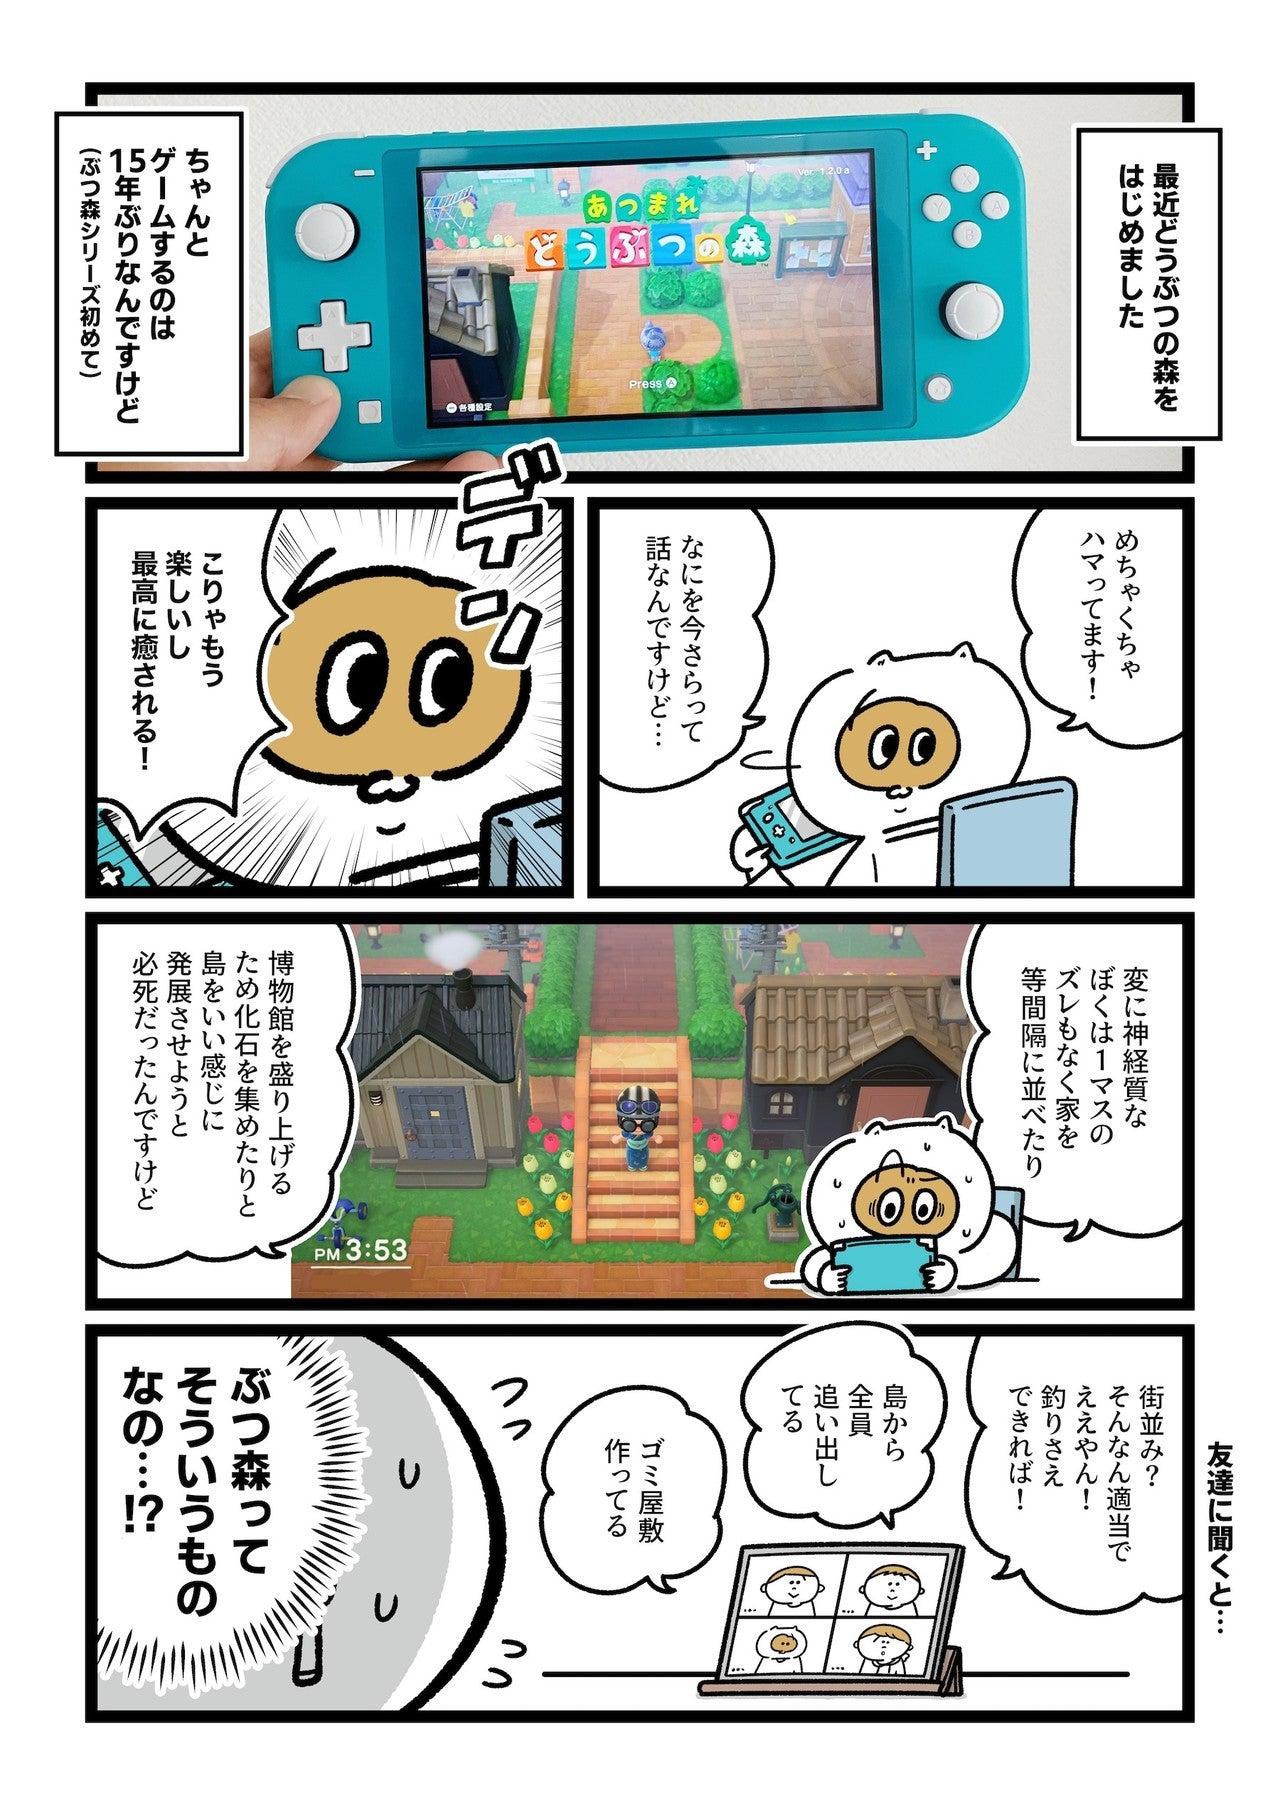 コミック10_出力_001